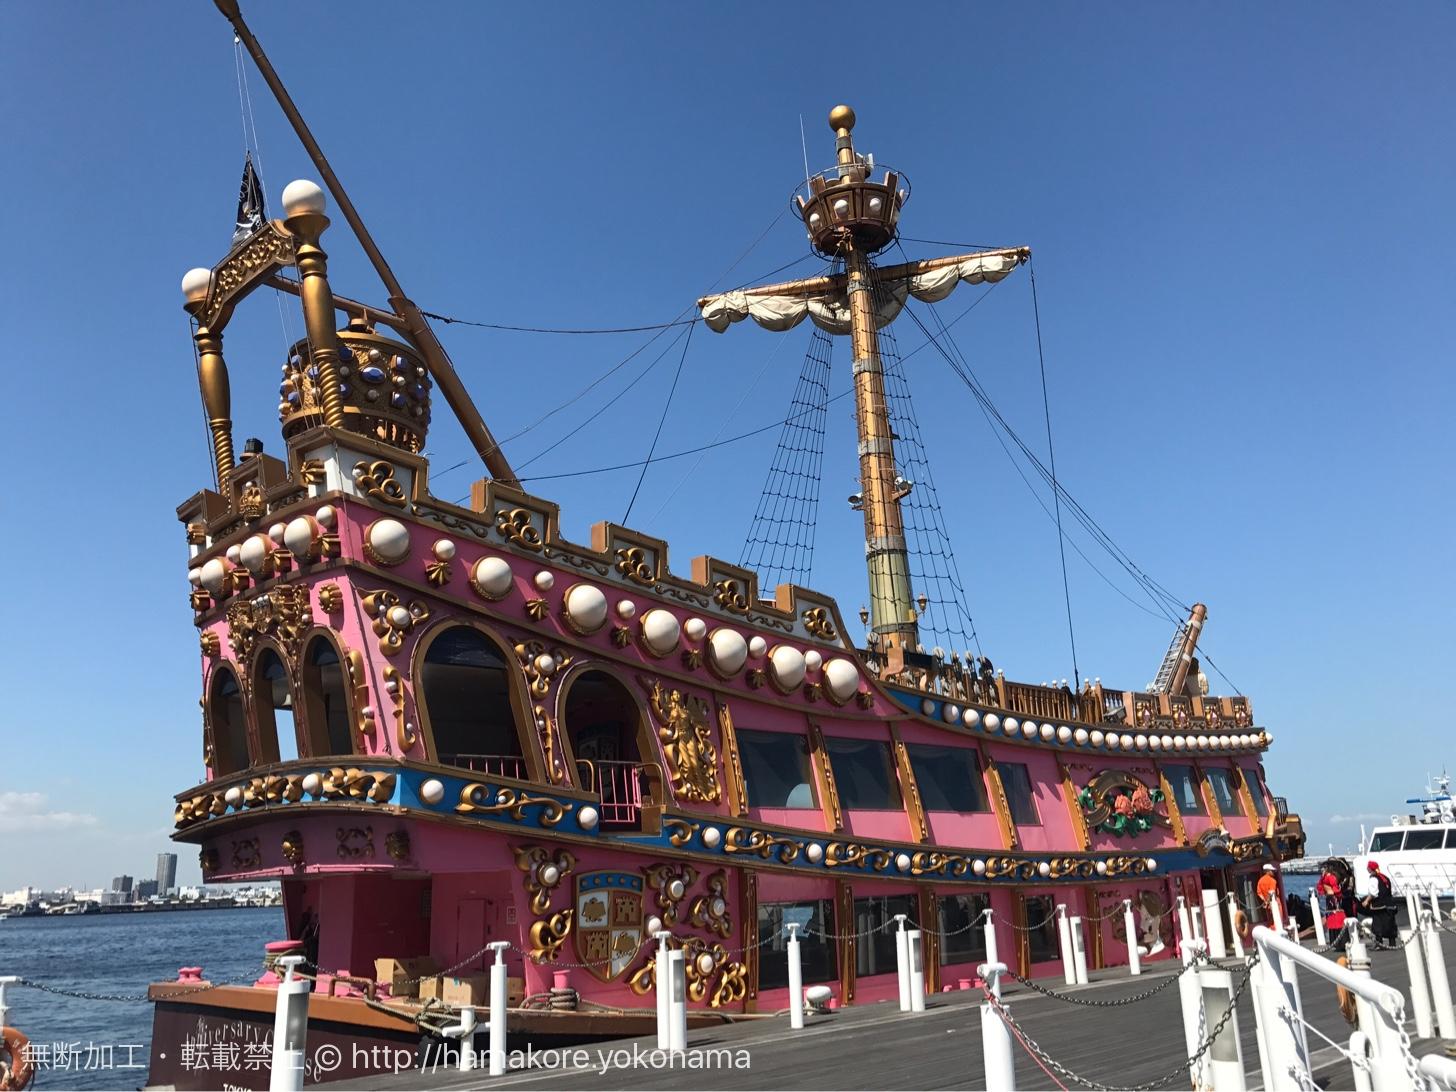 横浜開港祭限定!観光船「海賊船」に乗って横浜の街を海から見渡してみた